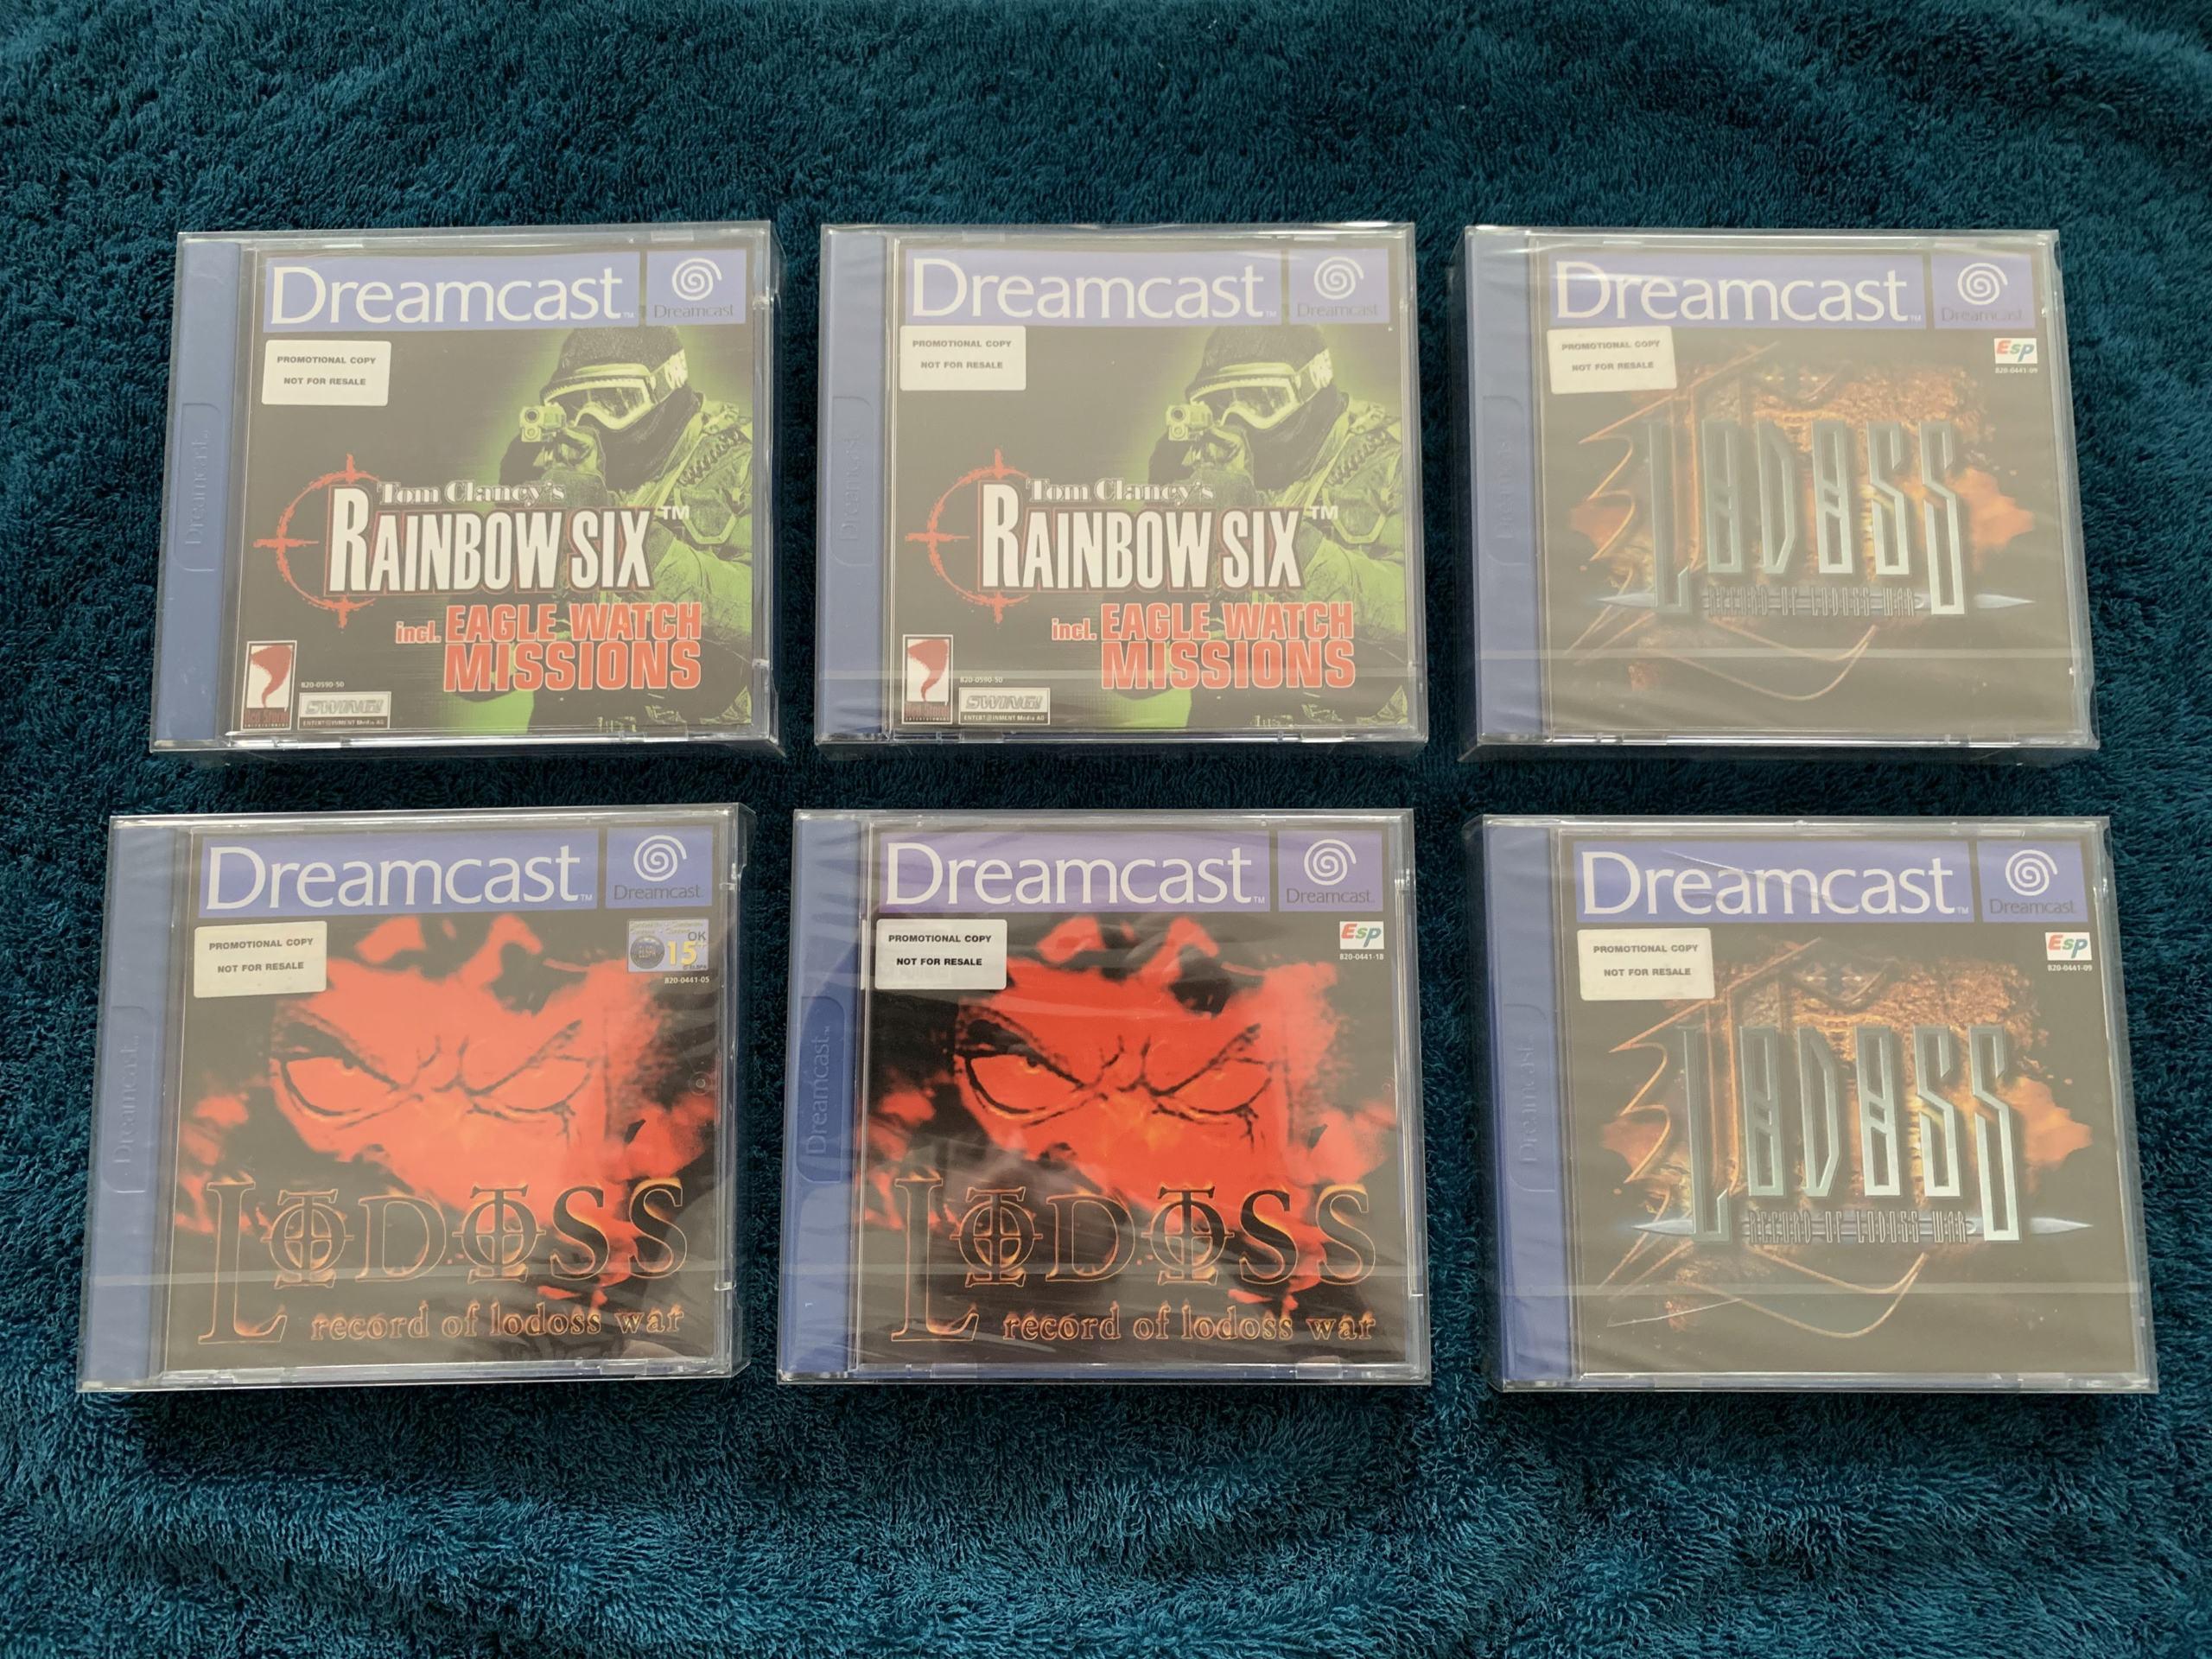 [VENDU] Fullset Jeux Dreamcast, Accessoires, Promo, Rigides... - 350 pièces - NEUF SOUS BLISTER 056_je10